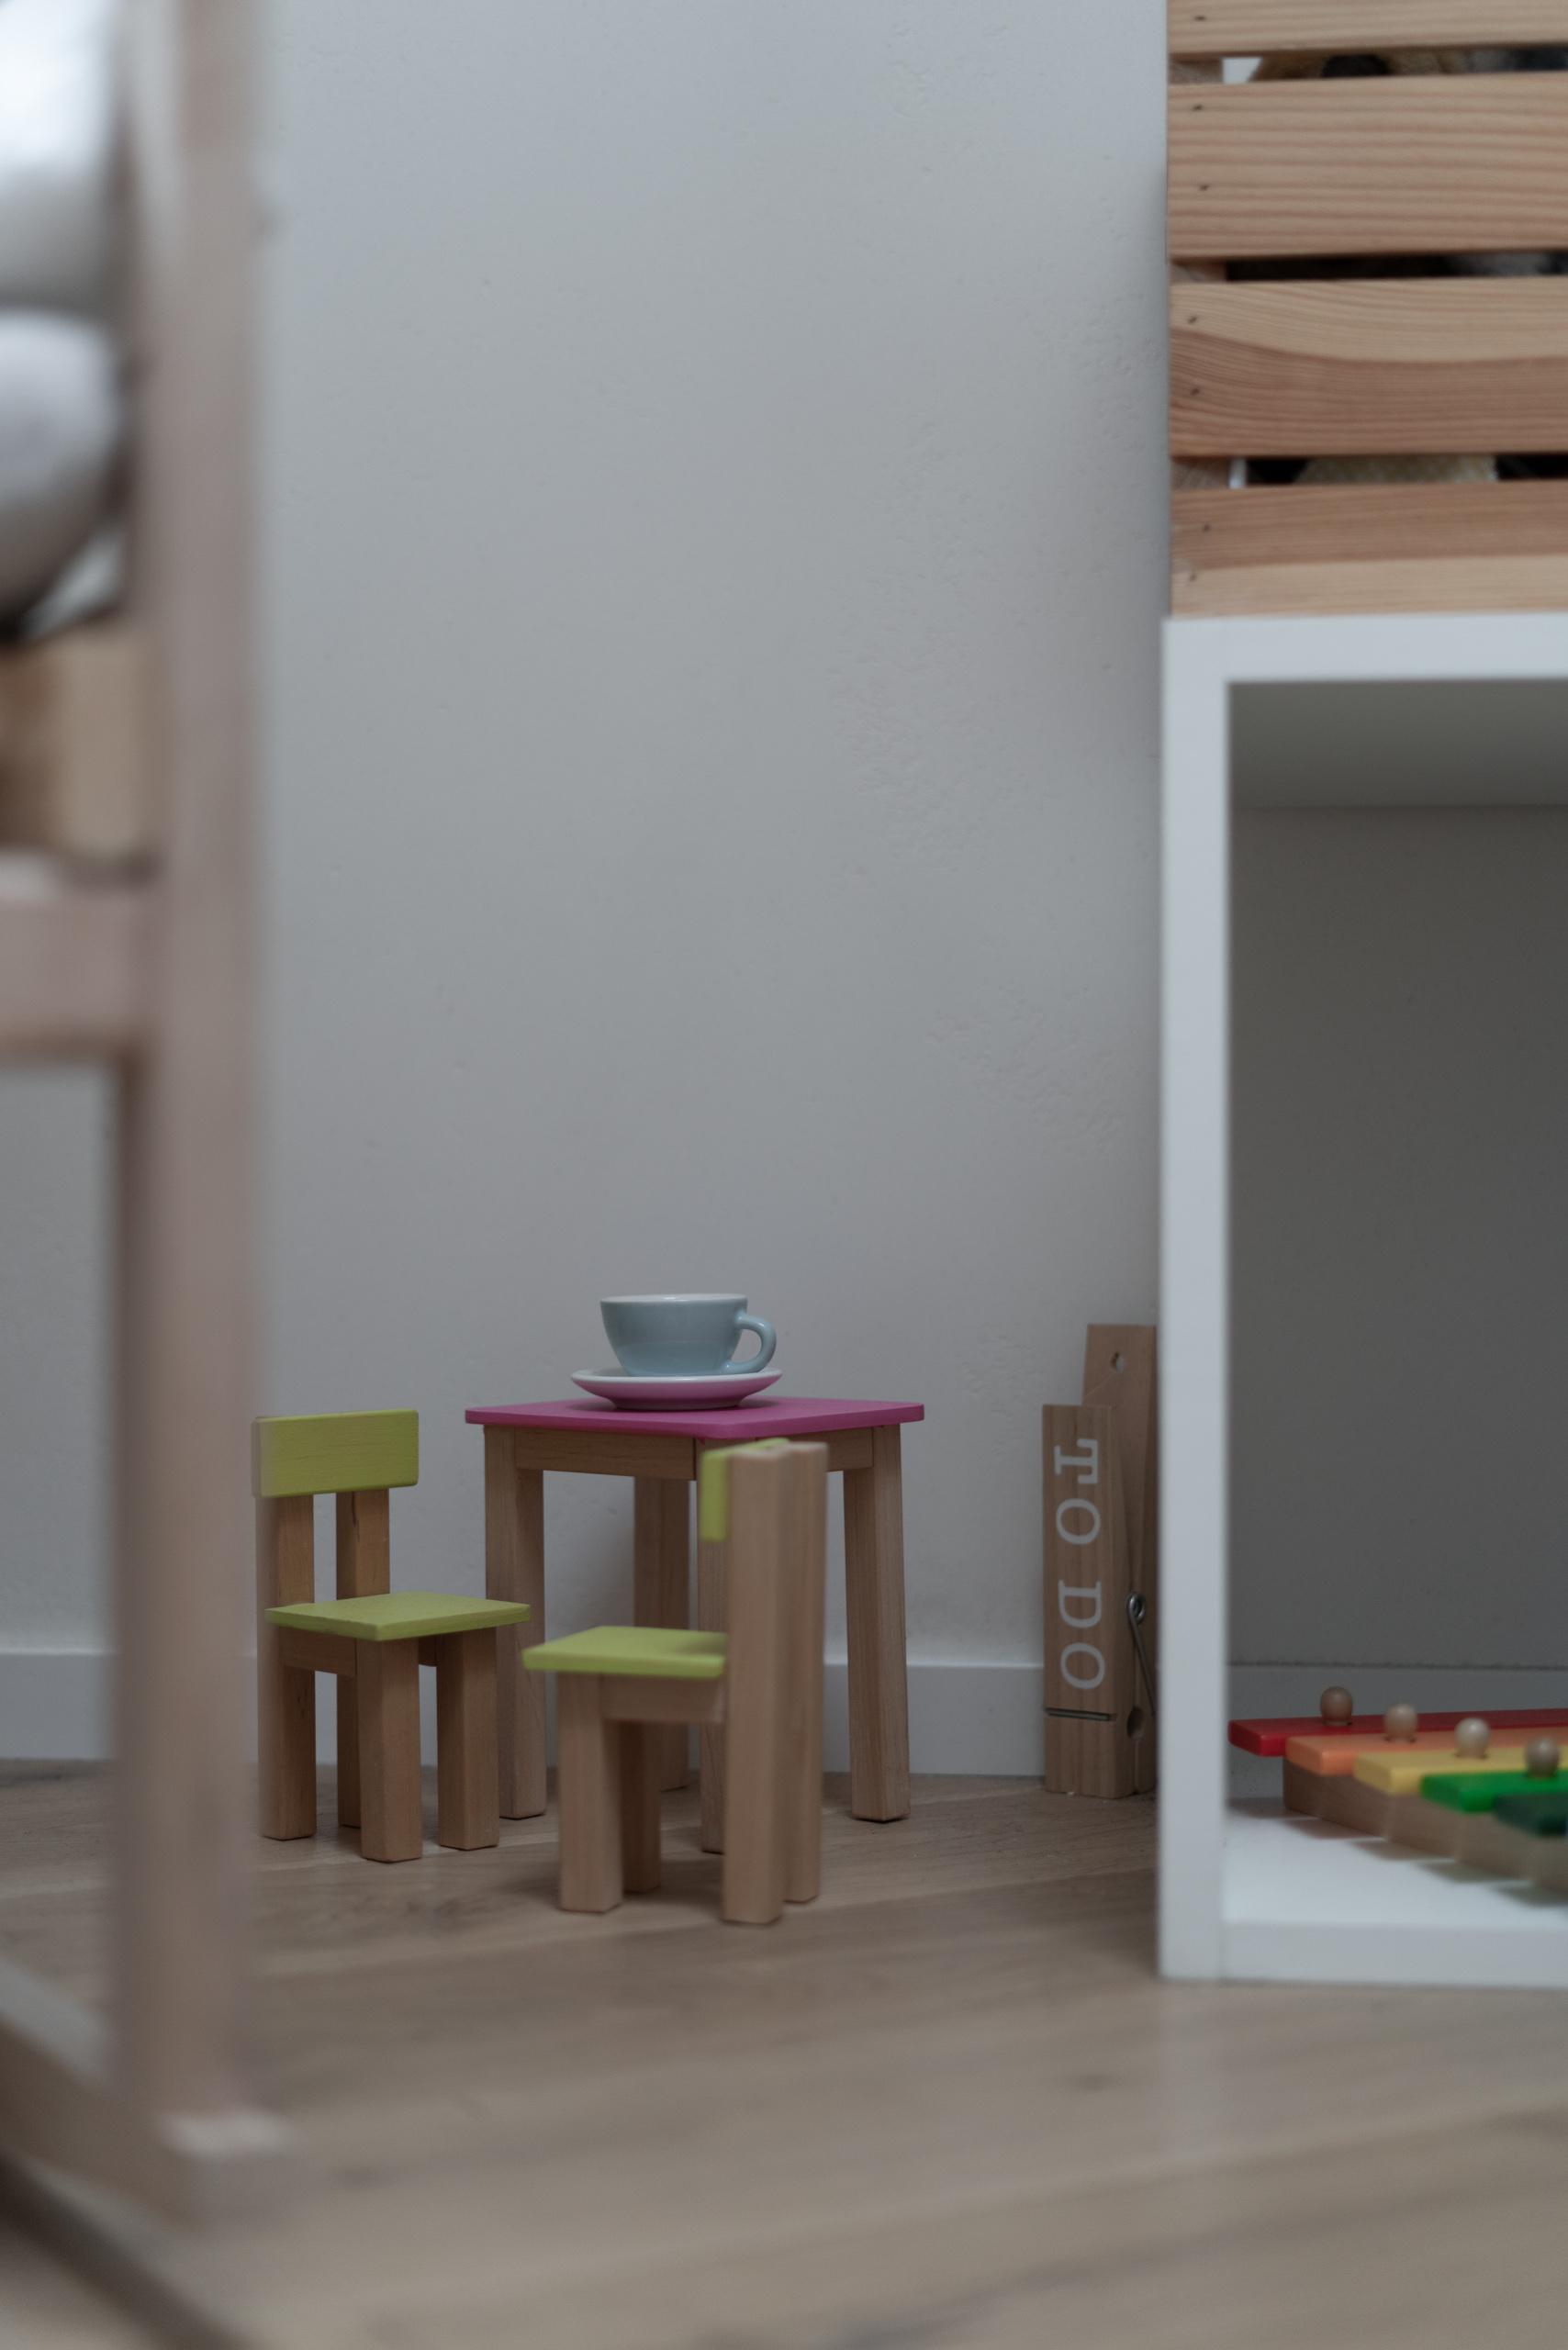 Фотосъемка интерьера детской детали крупным планом